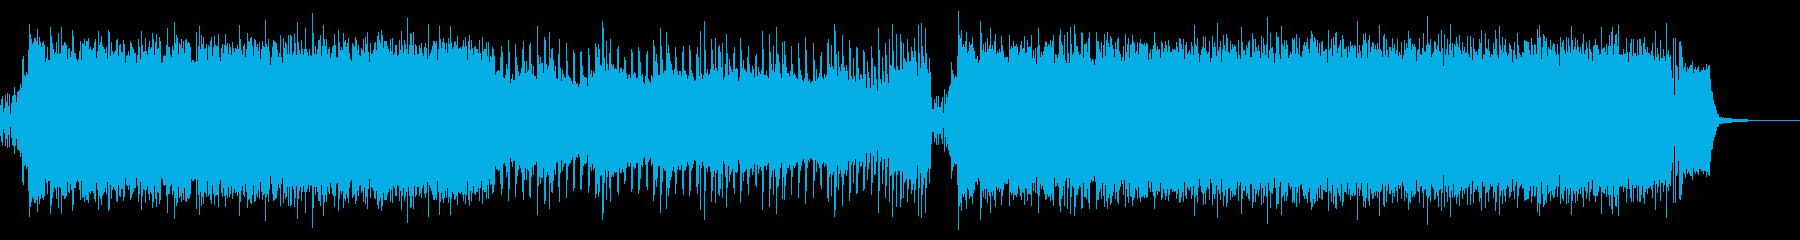 激しいロック盛り上がるアンセムの再生済みの波形